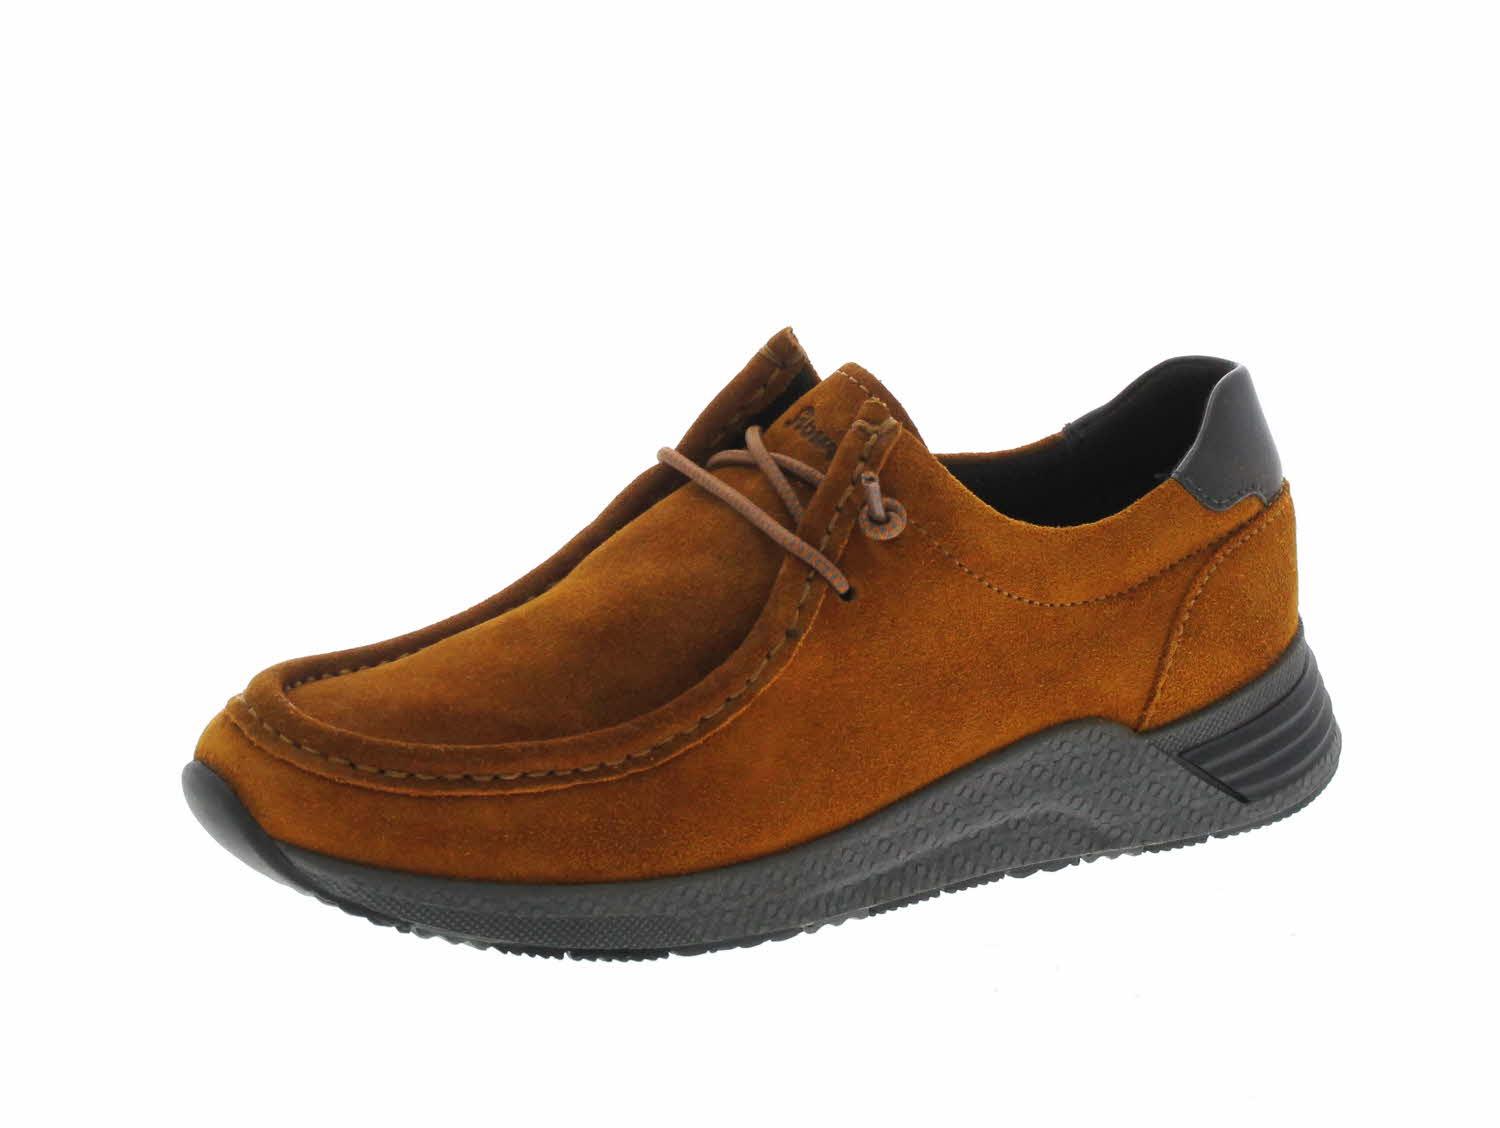 женская обувь siox коллекции осень-зима 2020